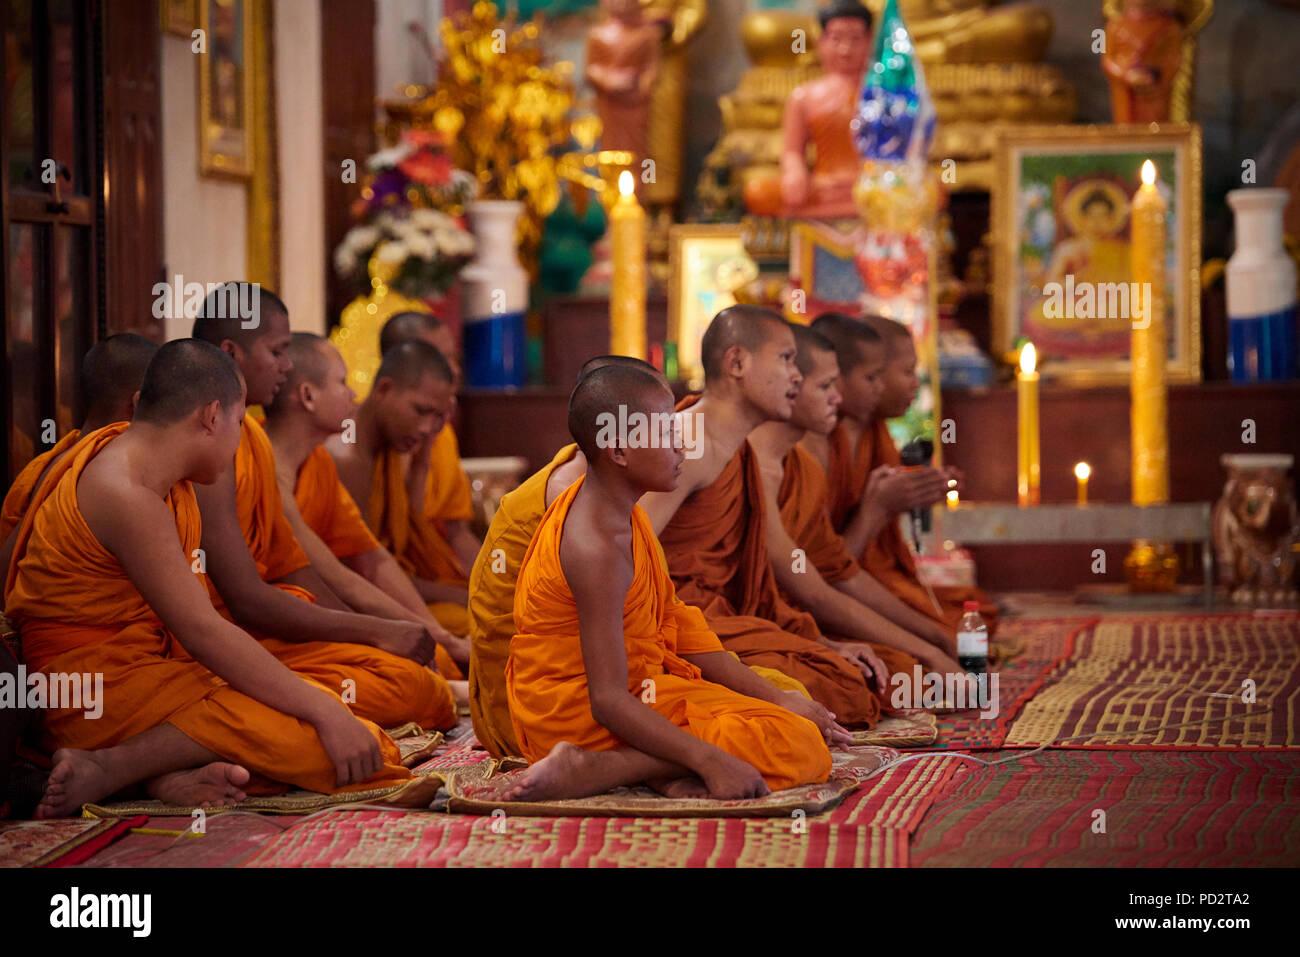 Un groupe de jeunes moines bouddhistes assis sur le sol au cours d'une cérémonie dans l'un des sanctuaires dans leur monastère. À Siem Reap, Cambodge. Photo Stock